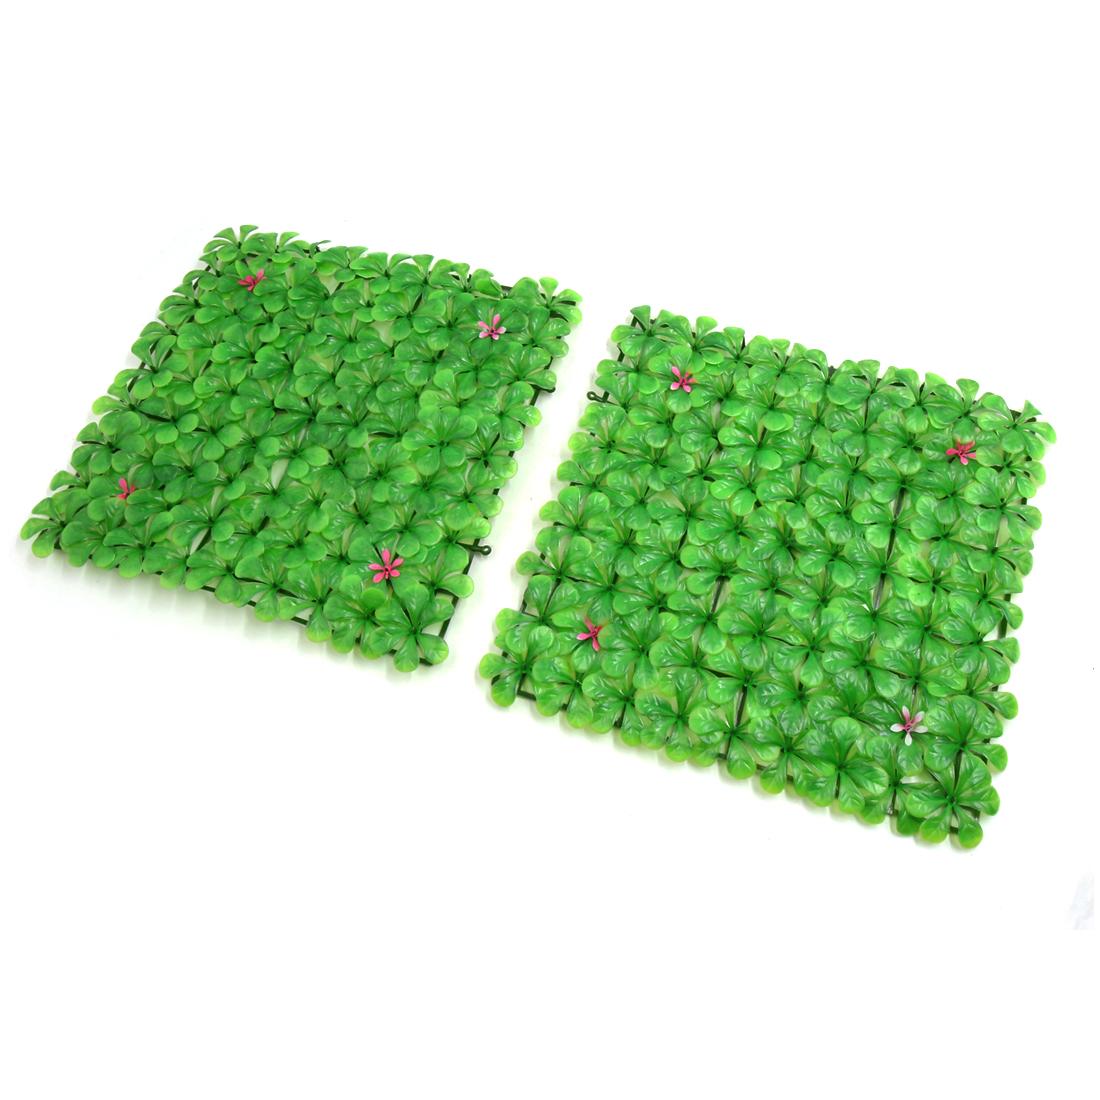 2pcs Green Plastic Grassland Lawn Aquarium Fish Tank Decor Ornament